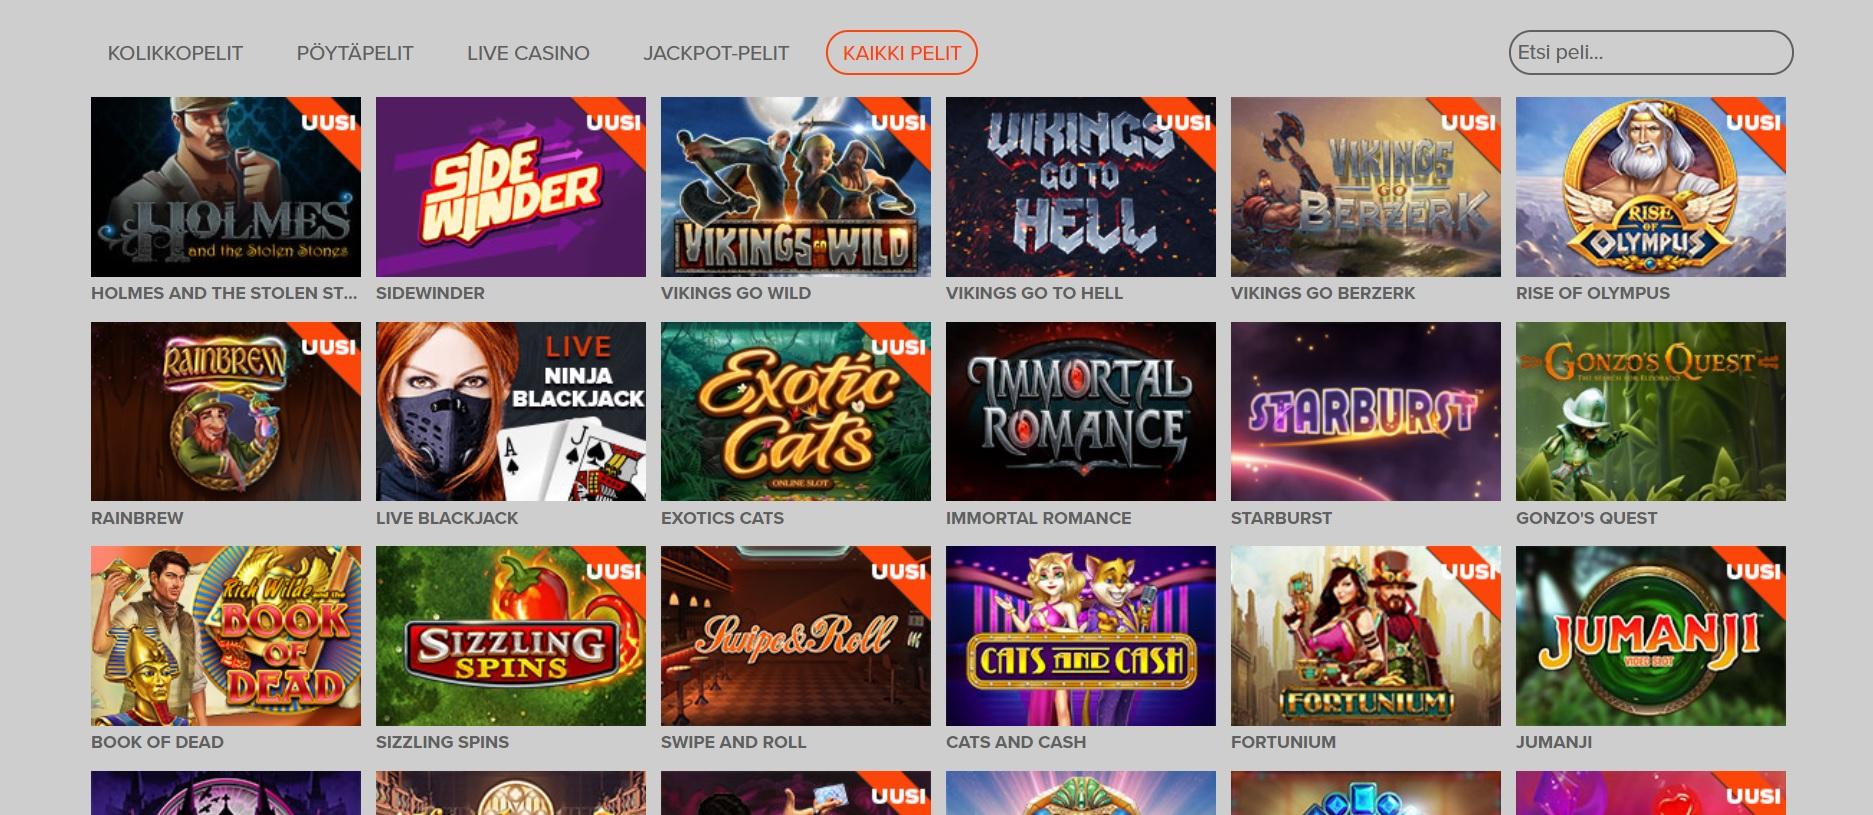 Ninja Casino kokemuksia | Casinoproffa